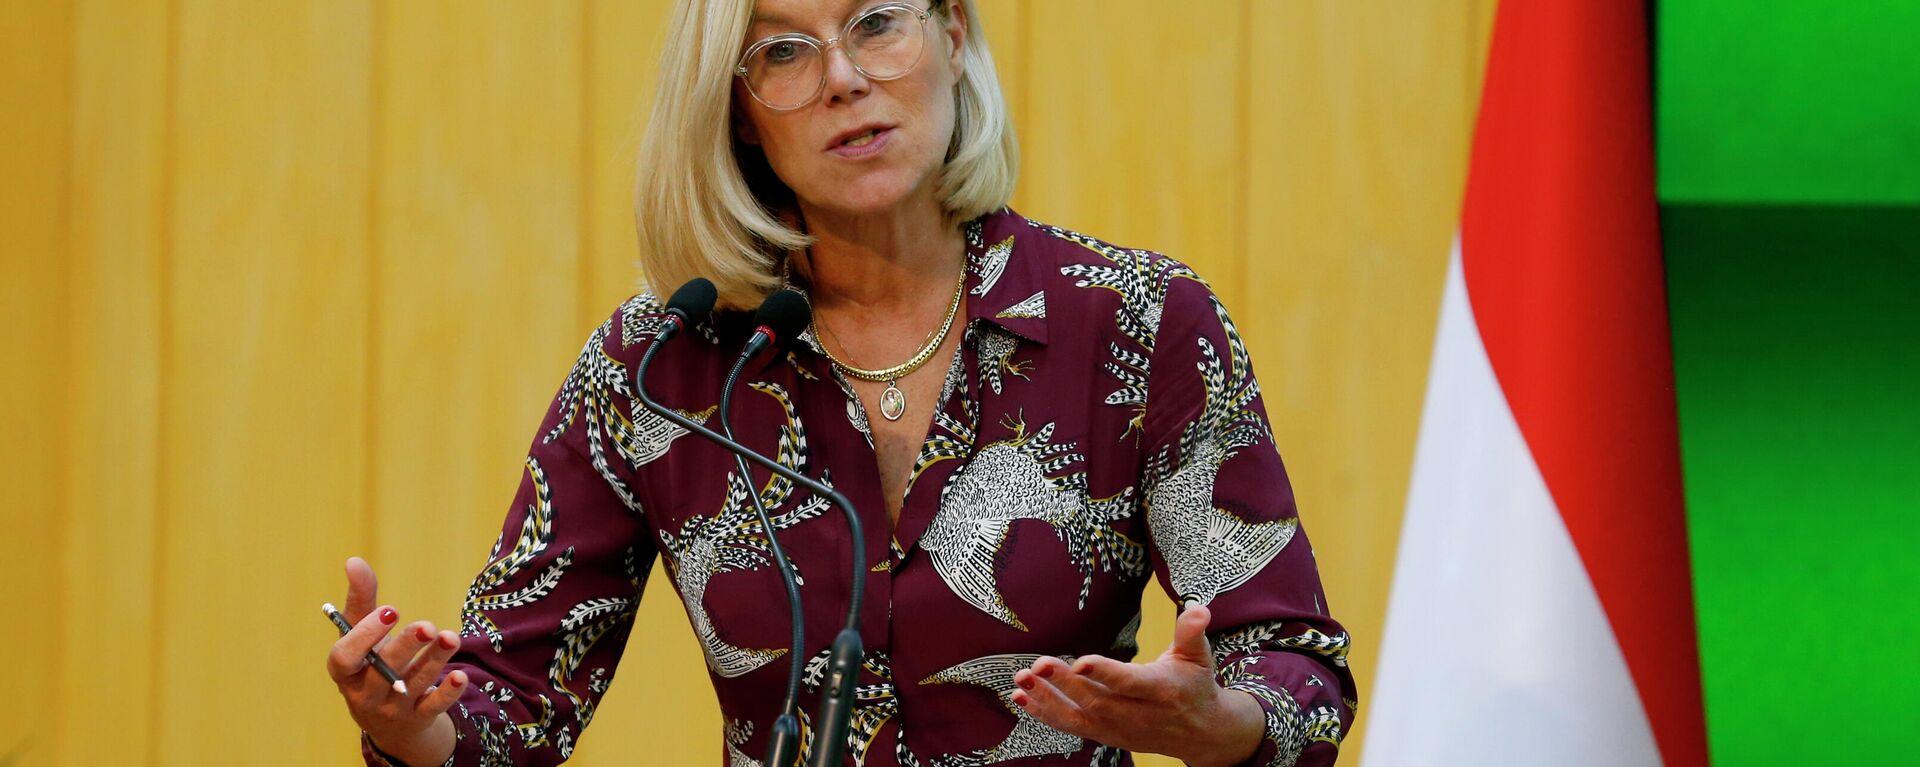 Sigrid Kaag, am 16. September 2021 zurückgetretene Außenministerin der Niederlande - SNA, 1920, 16.09.2021